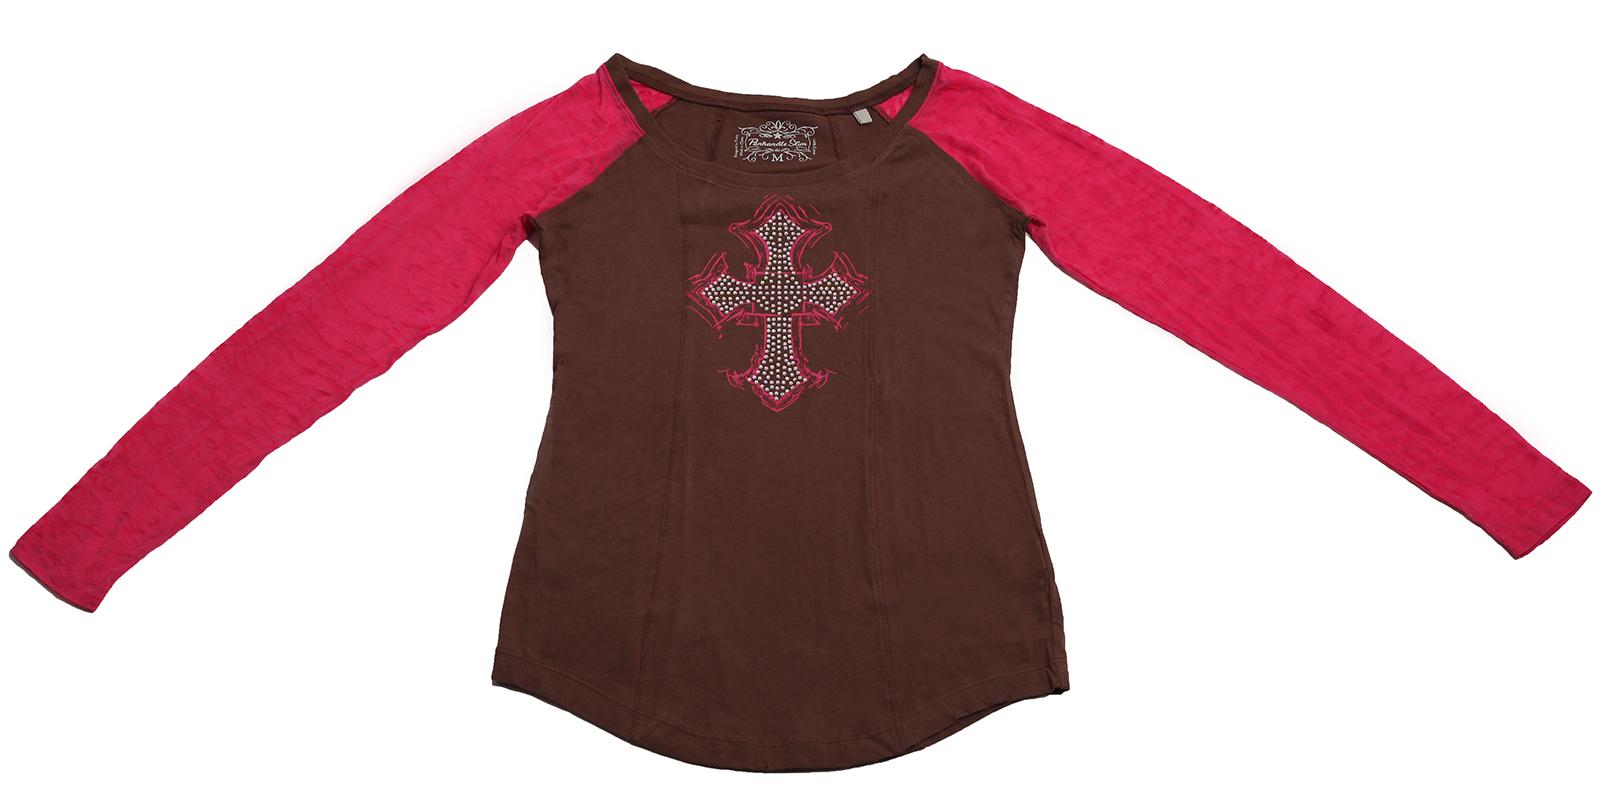 Модная кофточка Panhandle Slim в красно-коричневых цветах